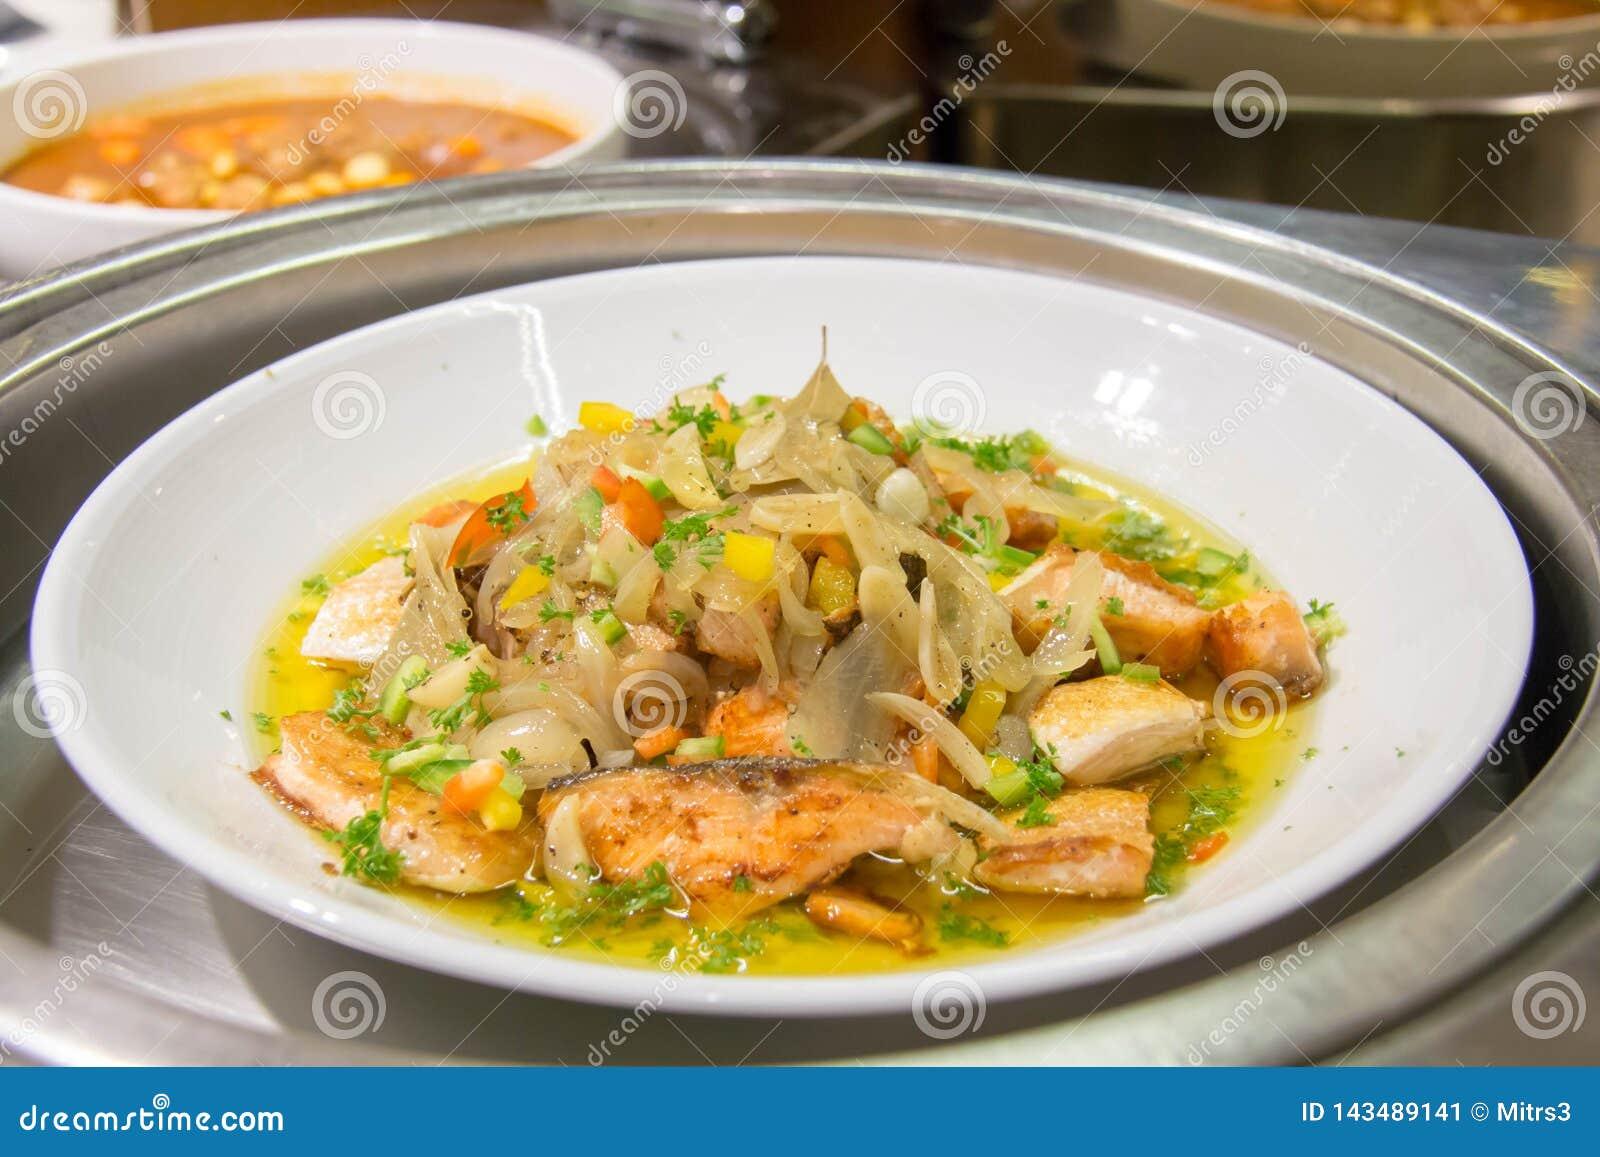 Heerlijk gekookt voor zalm gastronomisch in restaurant